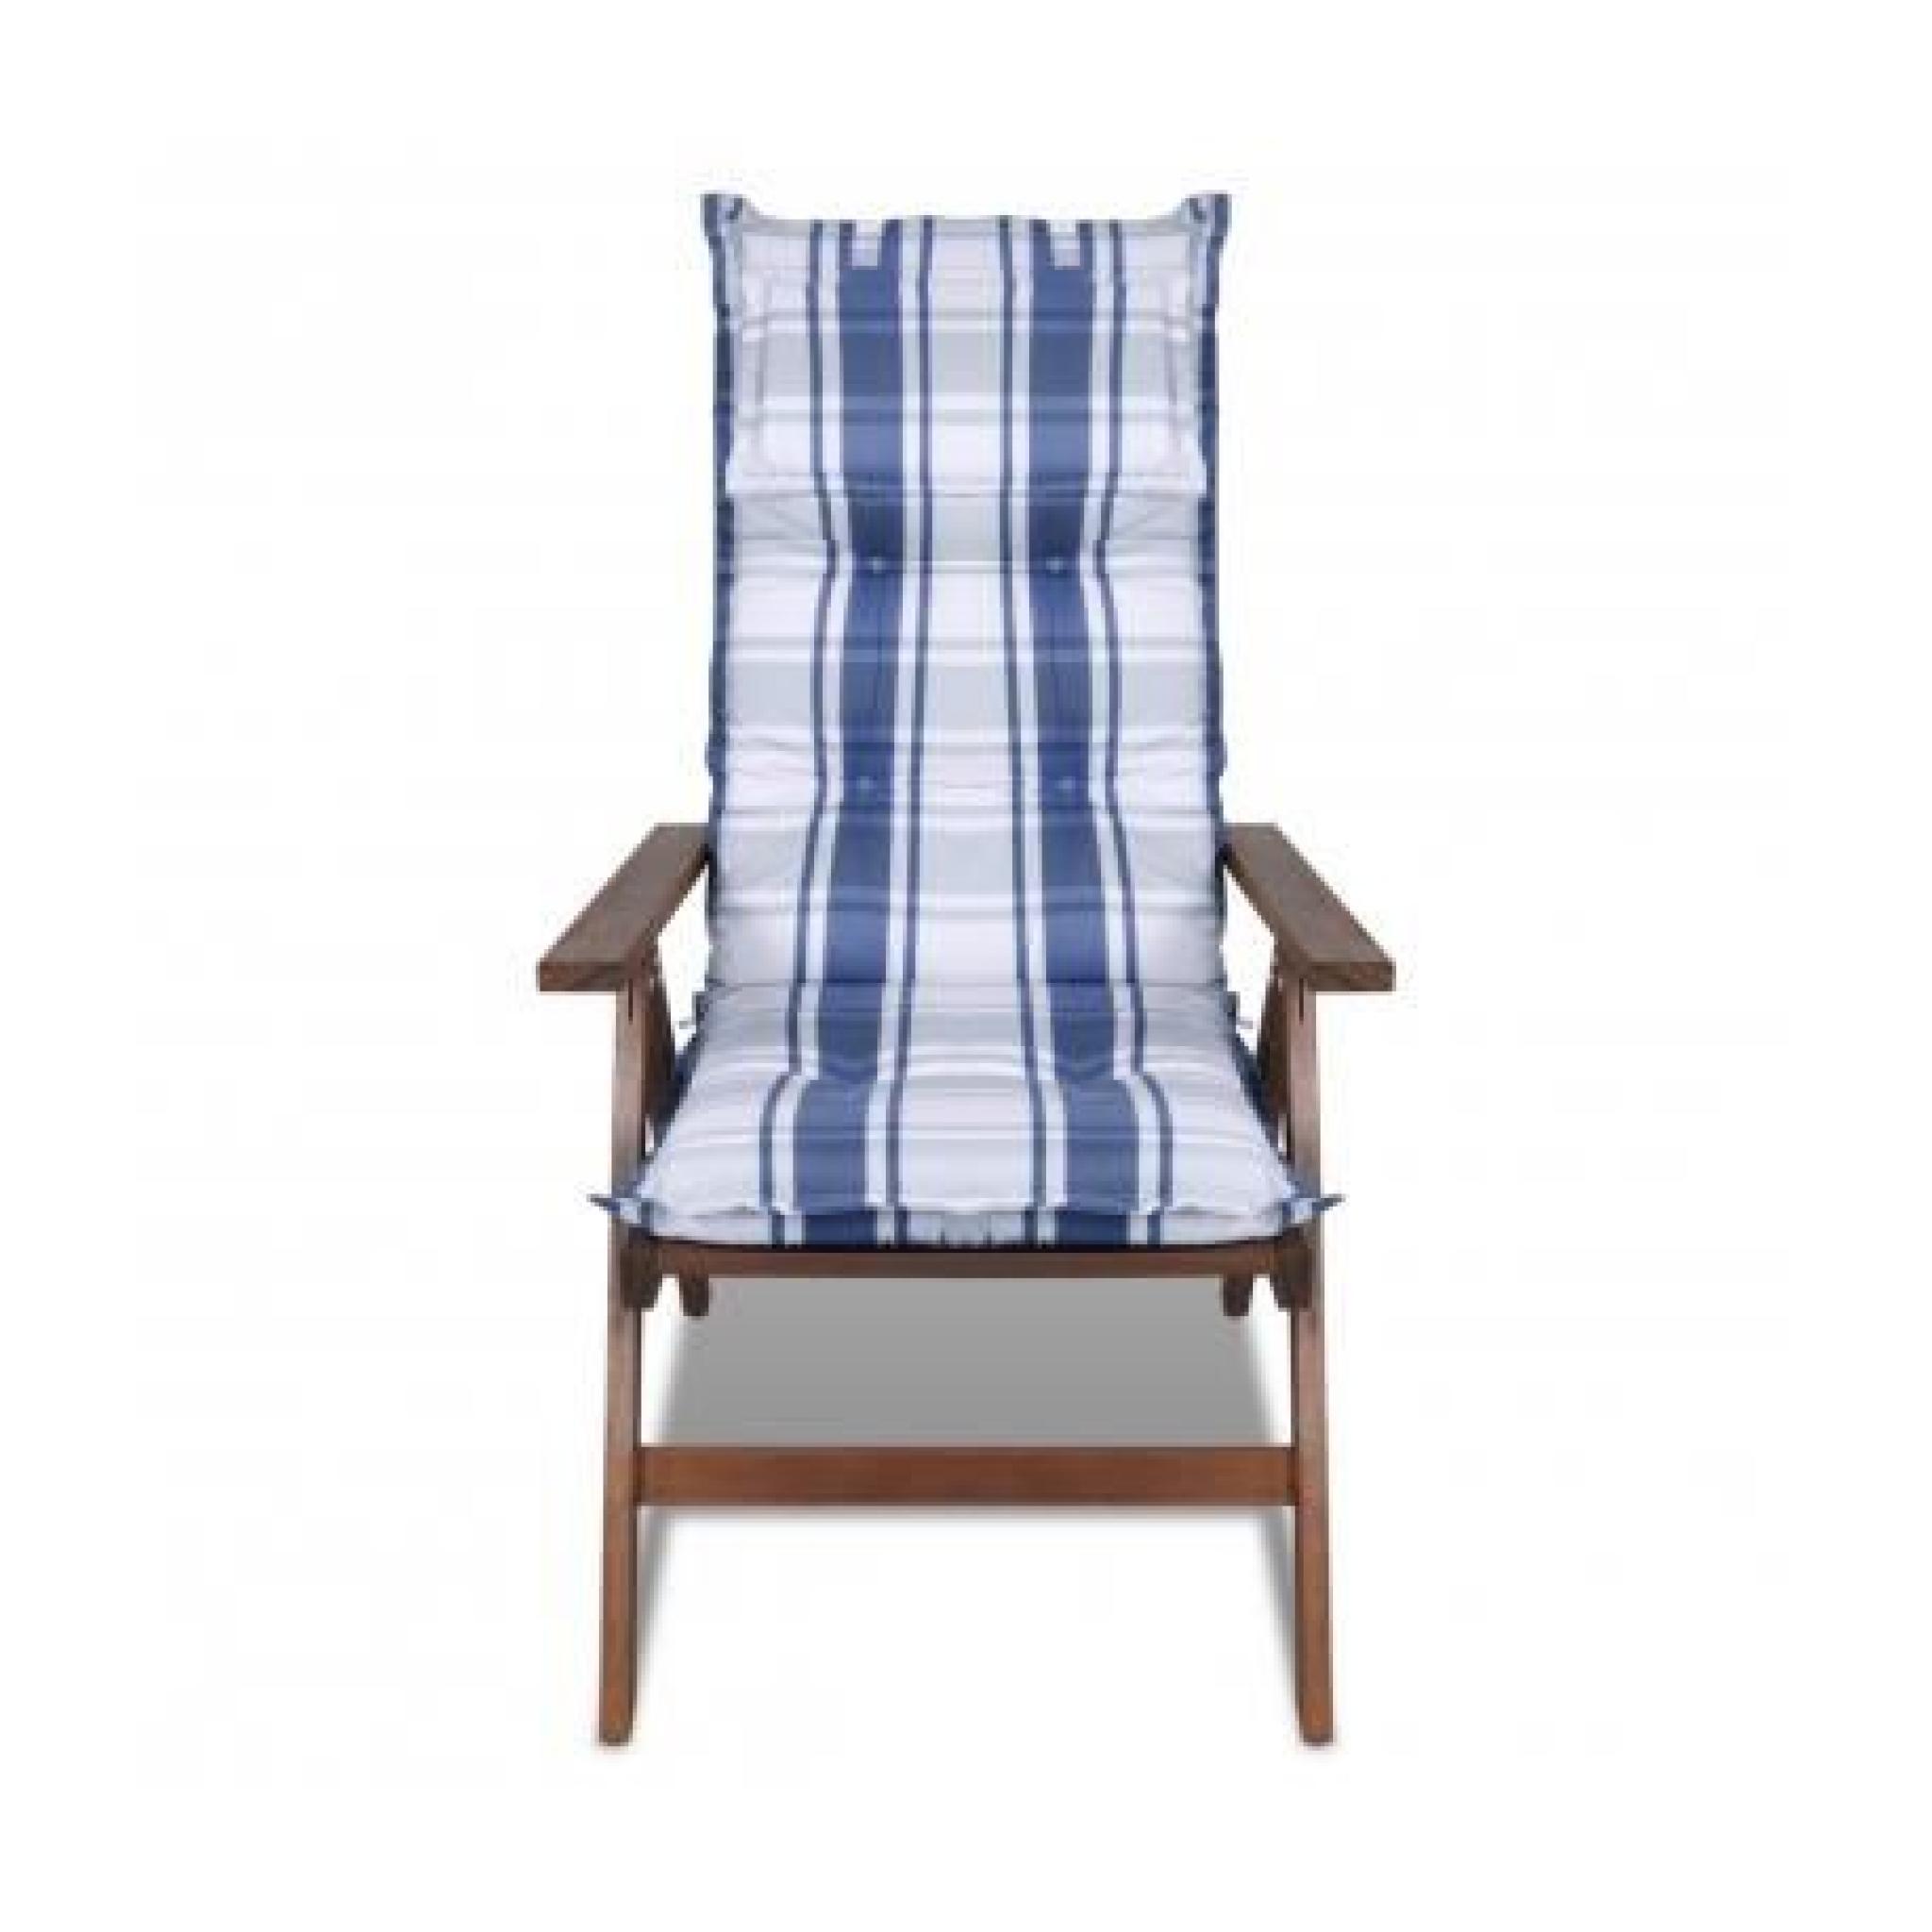 Coussin Pour Chaise De Jardin Bleu, 8Cm Dépaiss... intérieur Chaise De Jardin Bleu